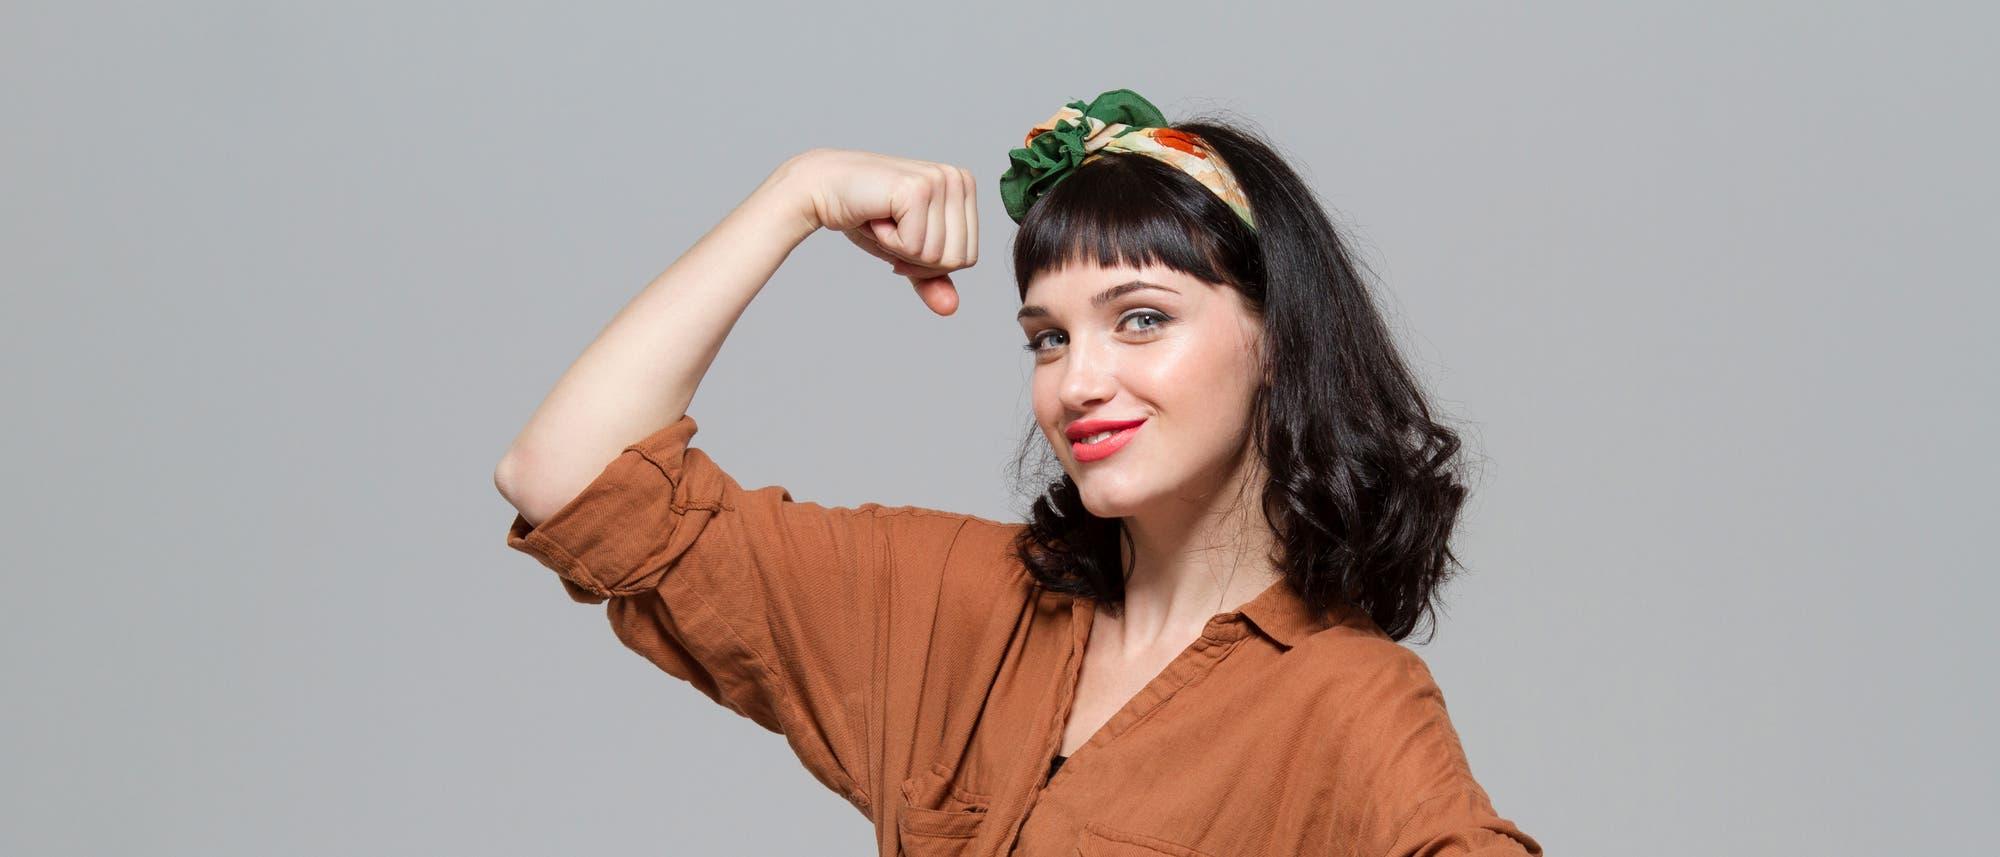 Eine Frau zeigt sich in typisch starker Pose und spannt scheinbar ihren Bizeps an.